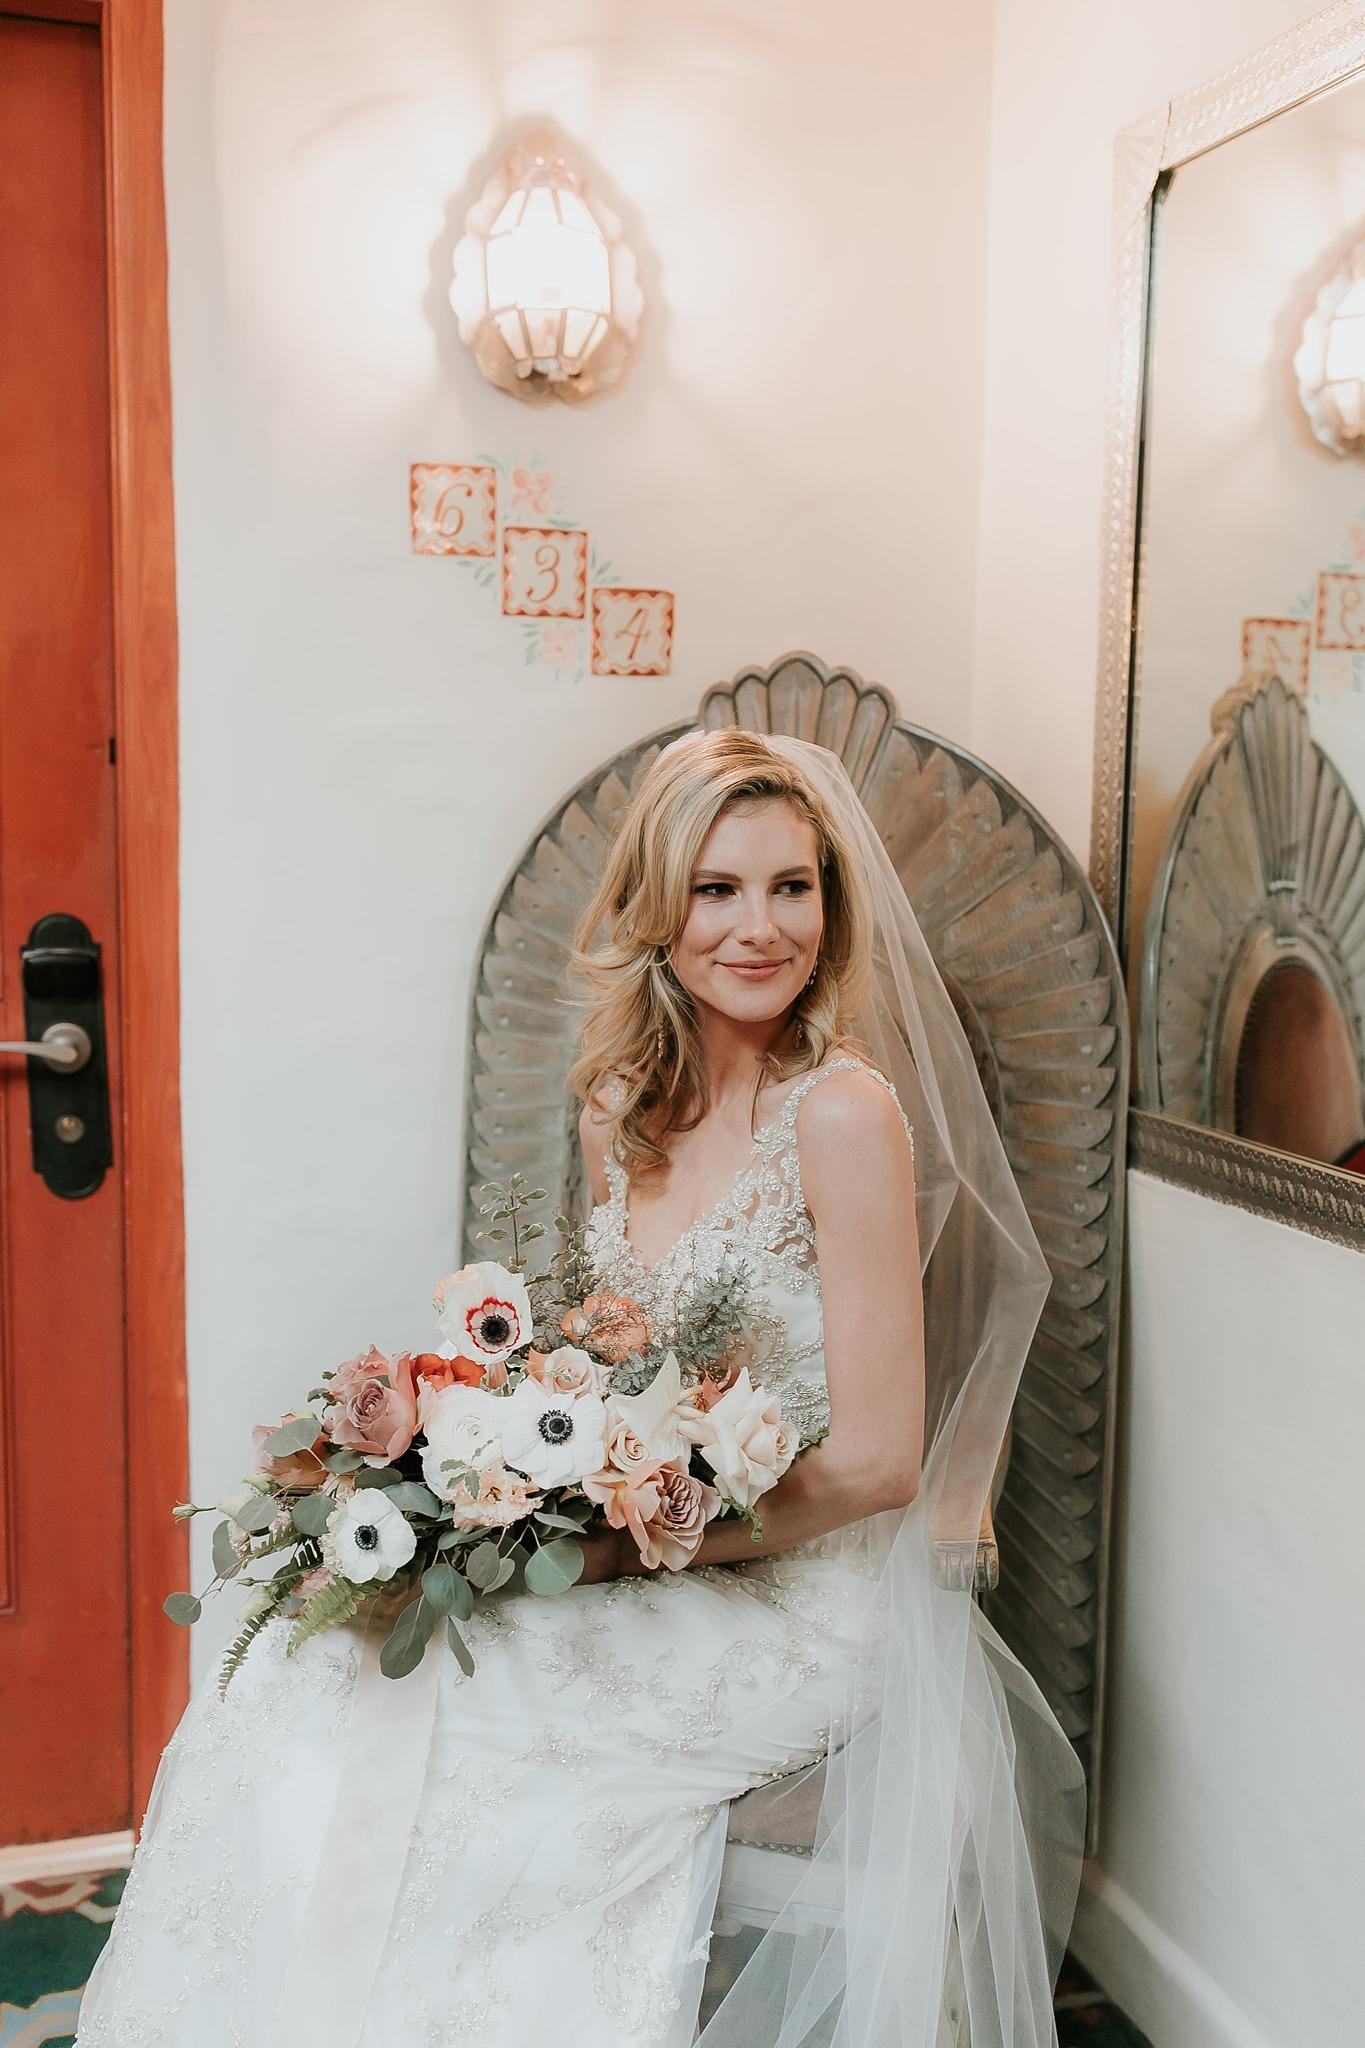 Alicia+lucia+photography+-+albuquerque+wedding+photographer+-+santa+fe+wedding+photography+-+new+mexico+wedding+photographer+-+new+mexico+wedding+-+santa+fe+wedding+-+albuquerque+wedding+-+bridal+hair_0051.jpg